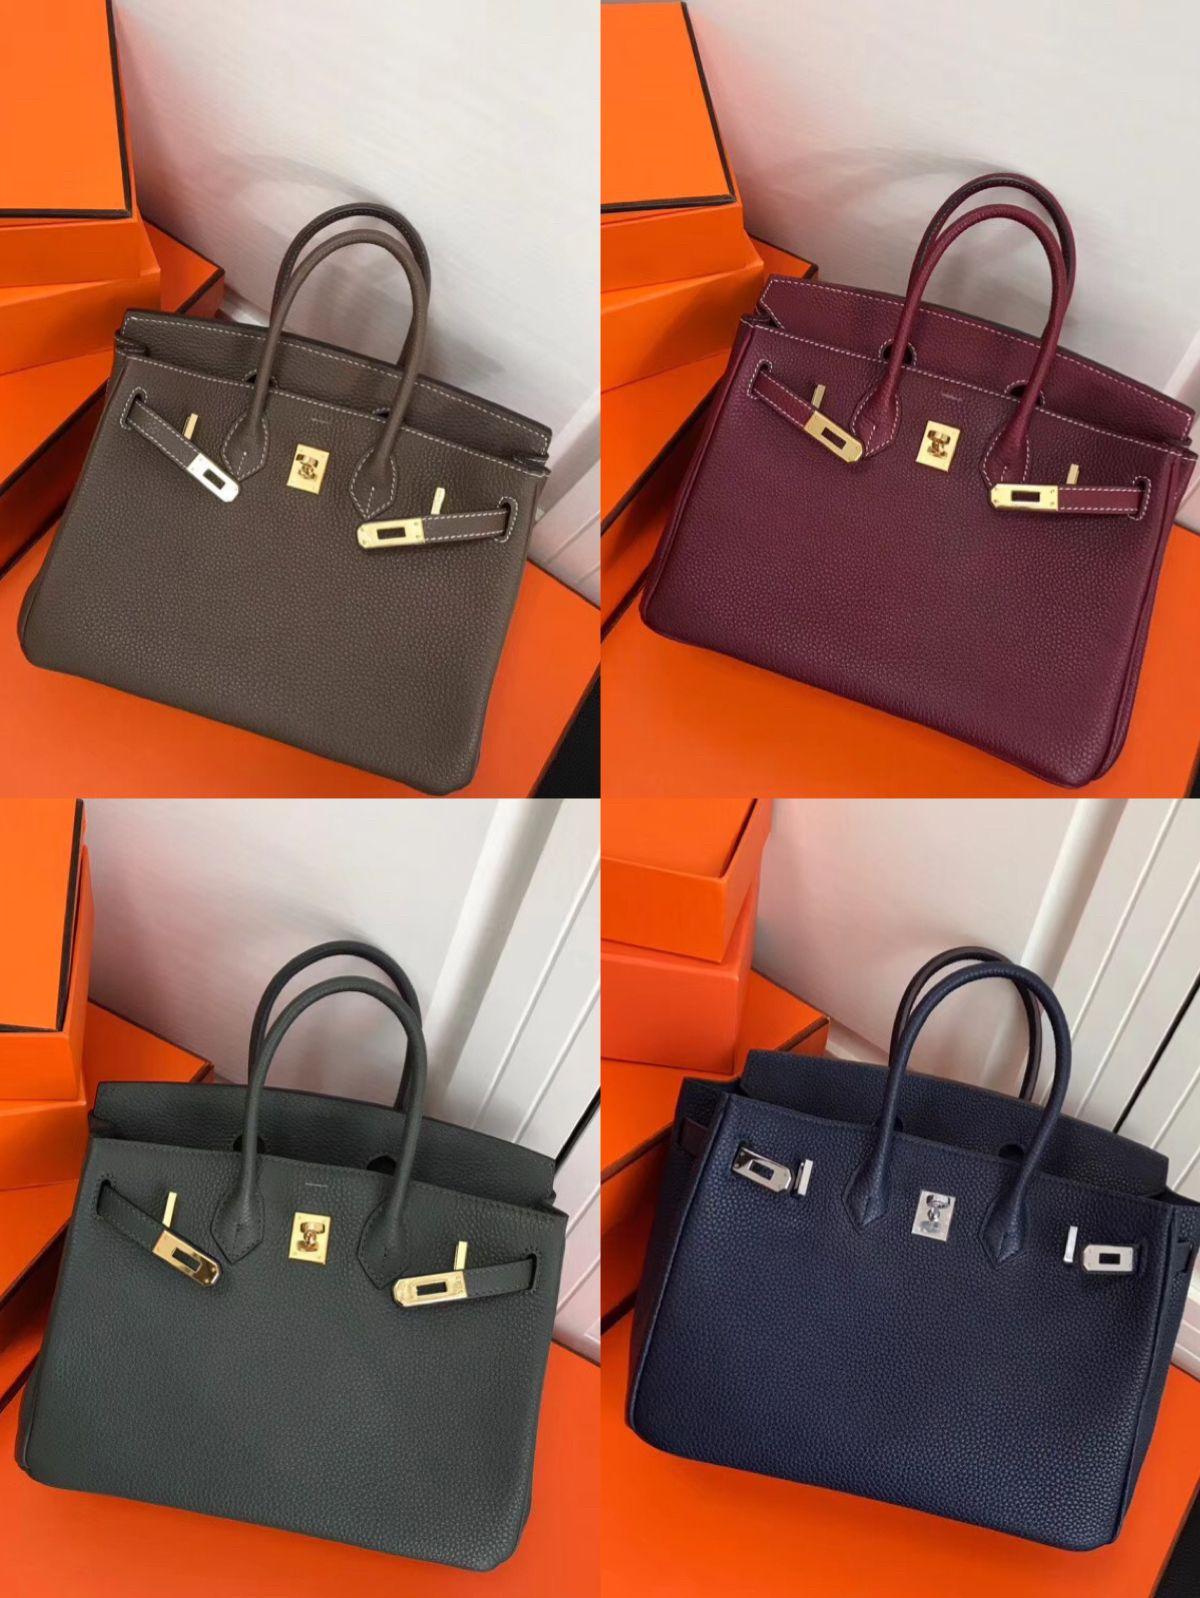 d45bc8bb0d8 Hermes birkin bag Togo original leather version 25cm | Hermes bags ...